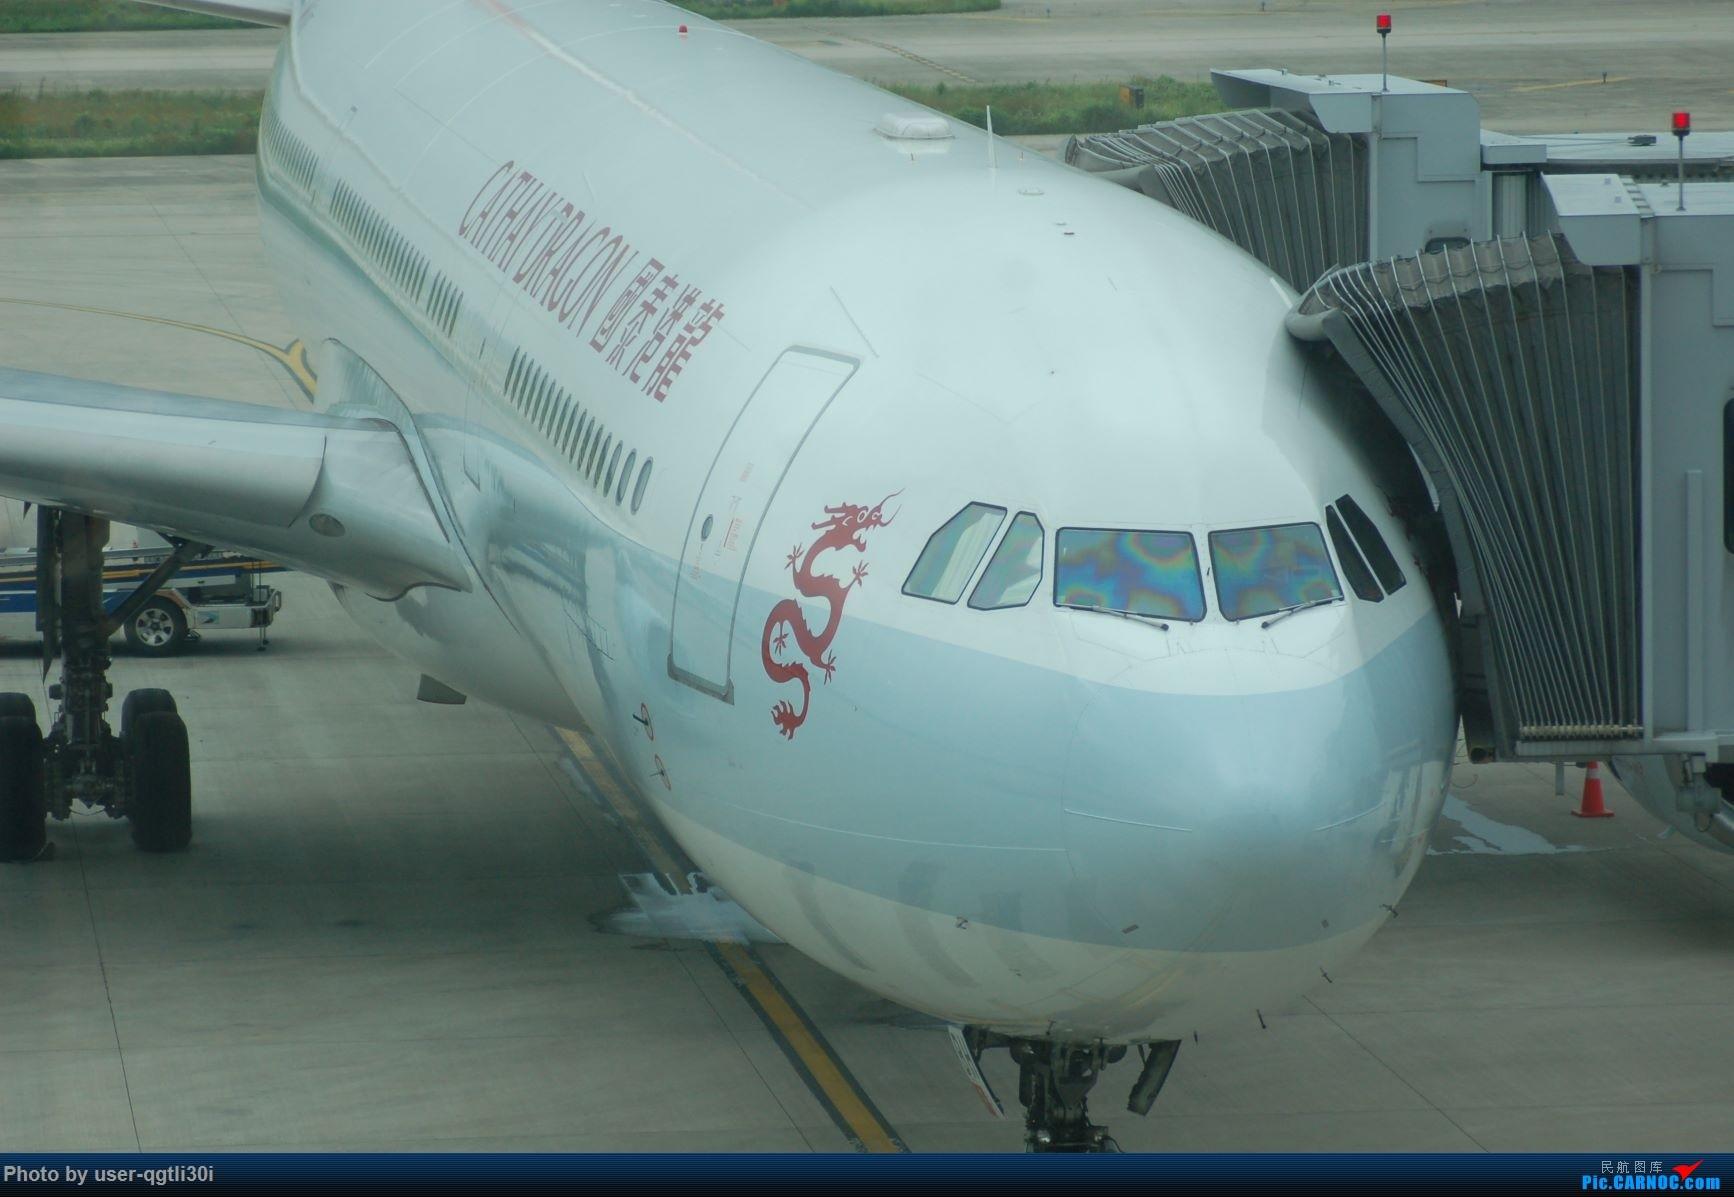 [原创]NKG-HKG-YVR AIRBUS A330-300 B-LBH NKG